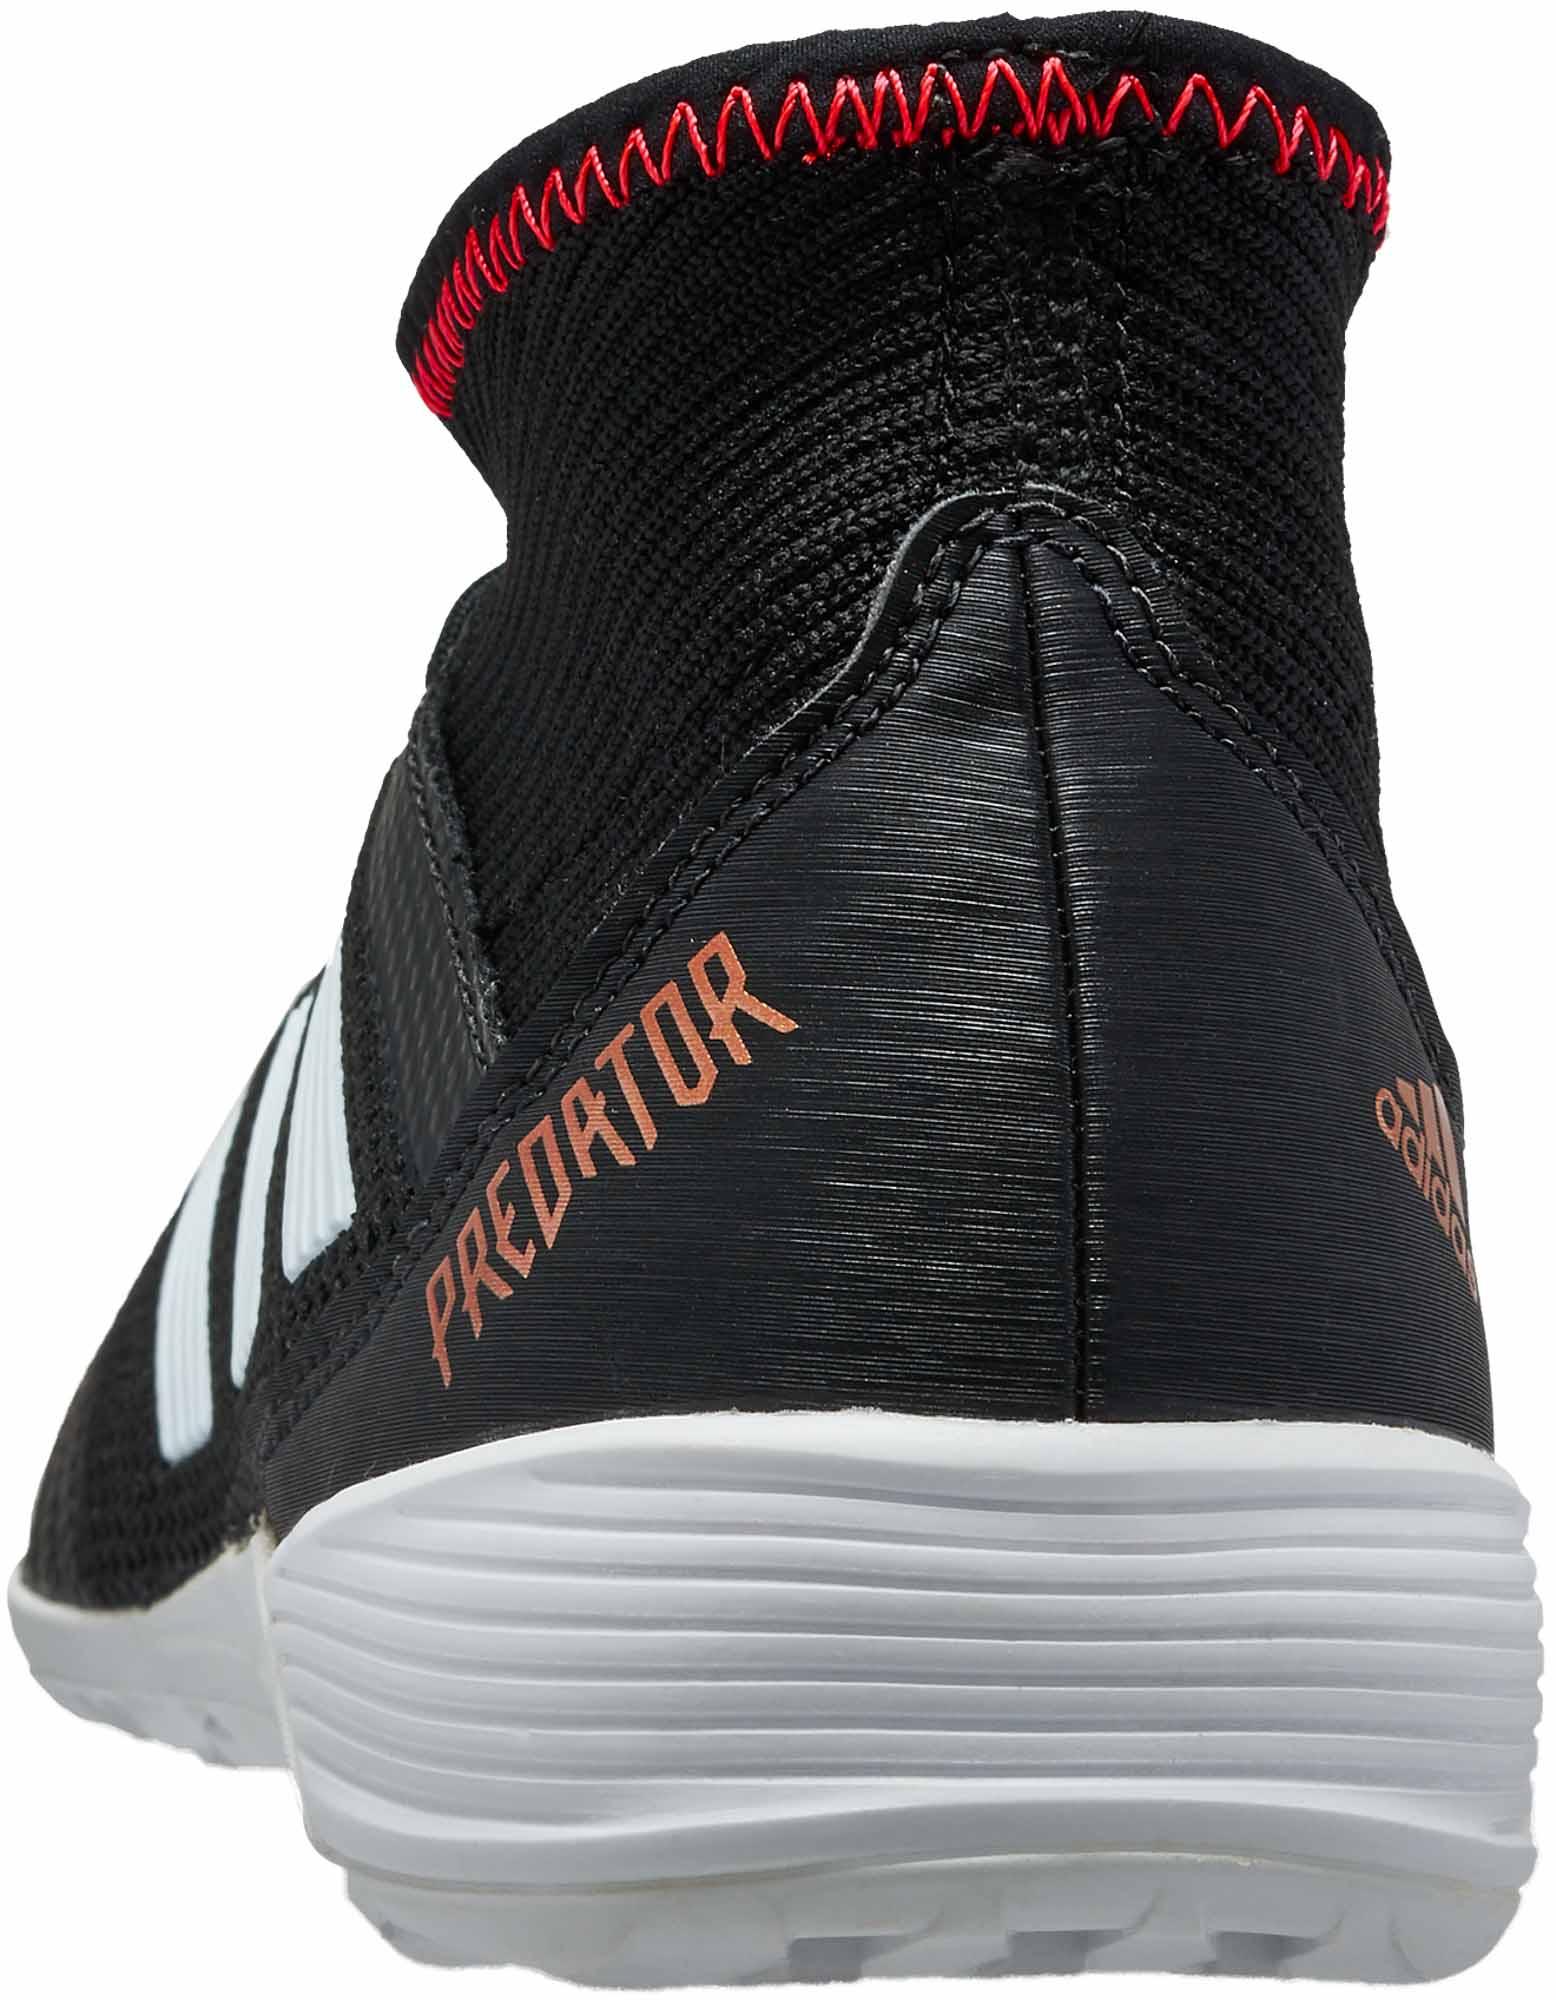 ea65fbe122eb adidas Predator Tango 18.3 IN - Black Indoor Shoes